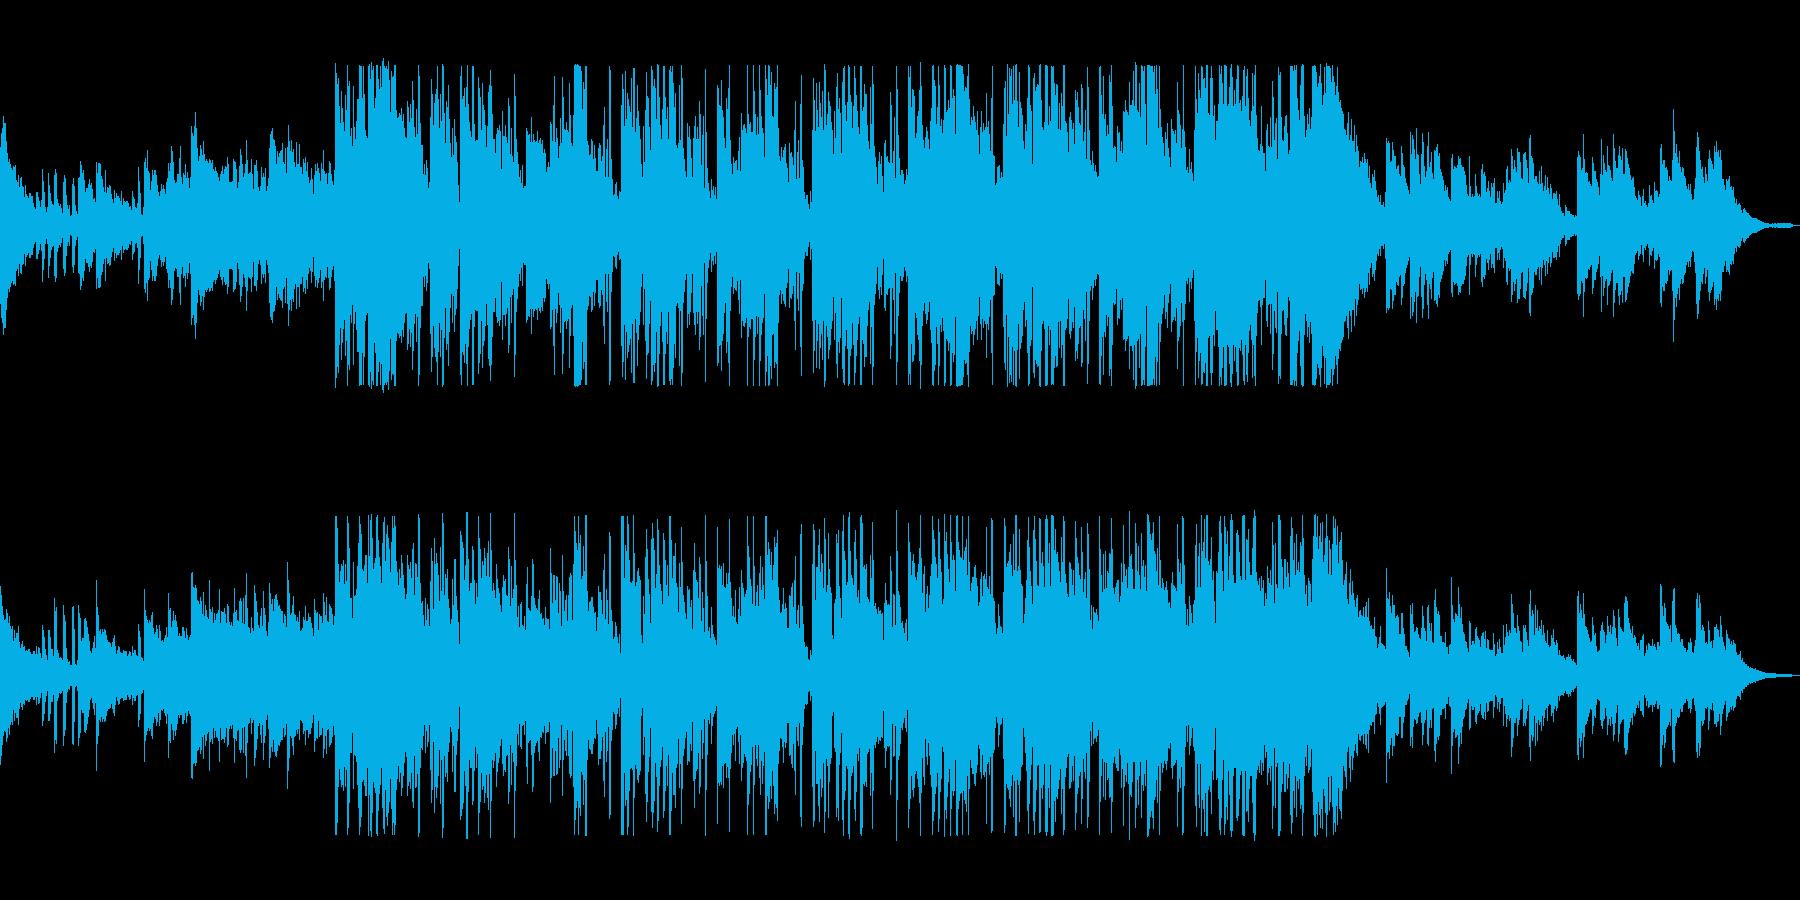 ピアノがおしゃれなカフェサウンドの再生済みの波形